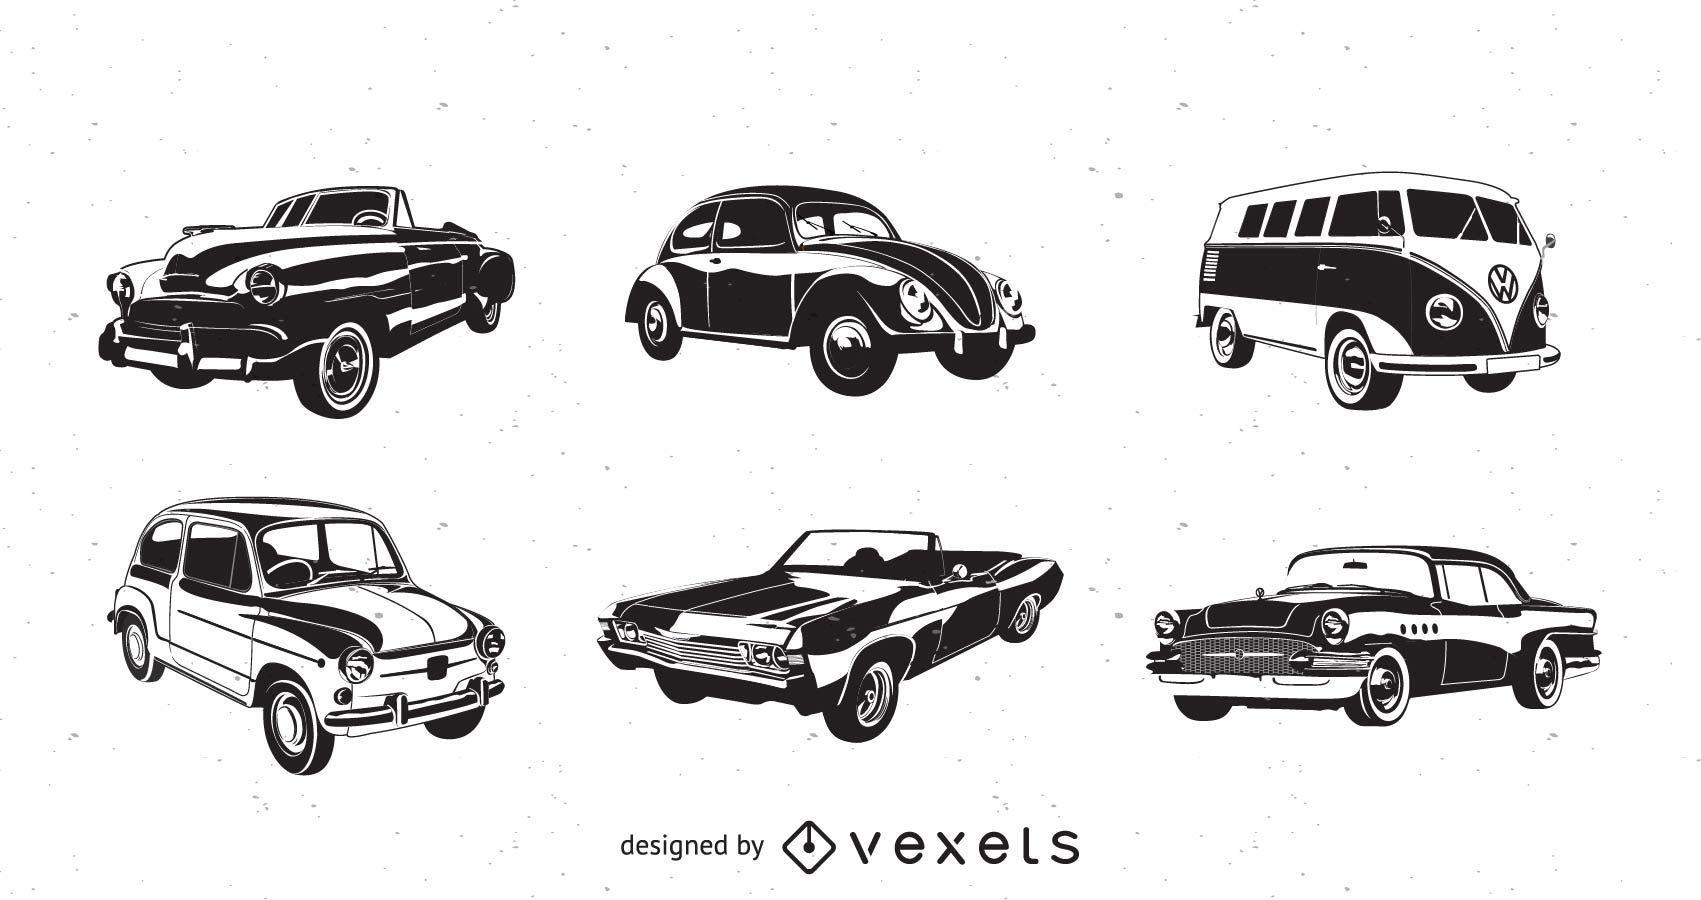 Carros Vector Retro